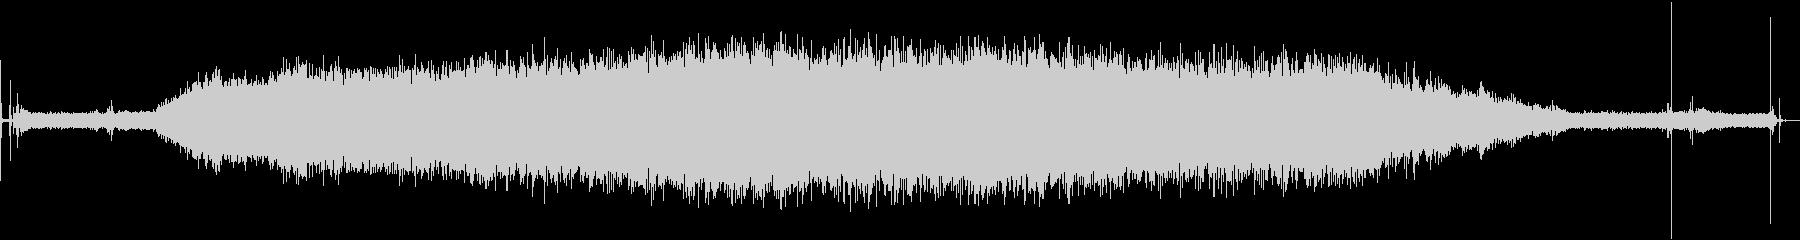 ハマーH1 SUV:INT:スター...の未再生の波形